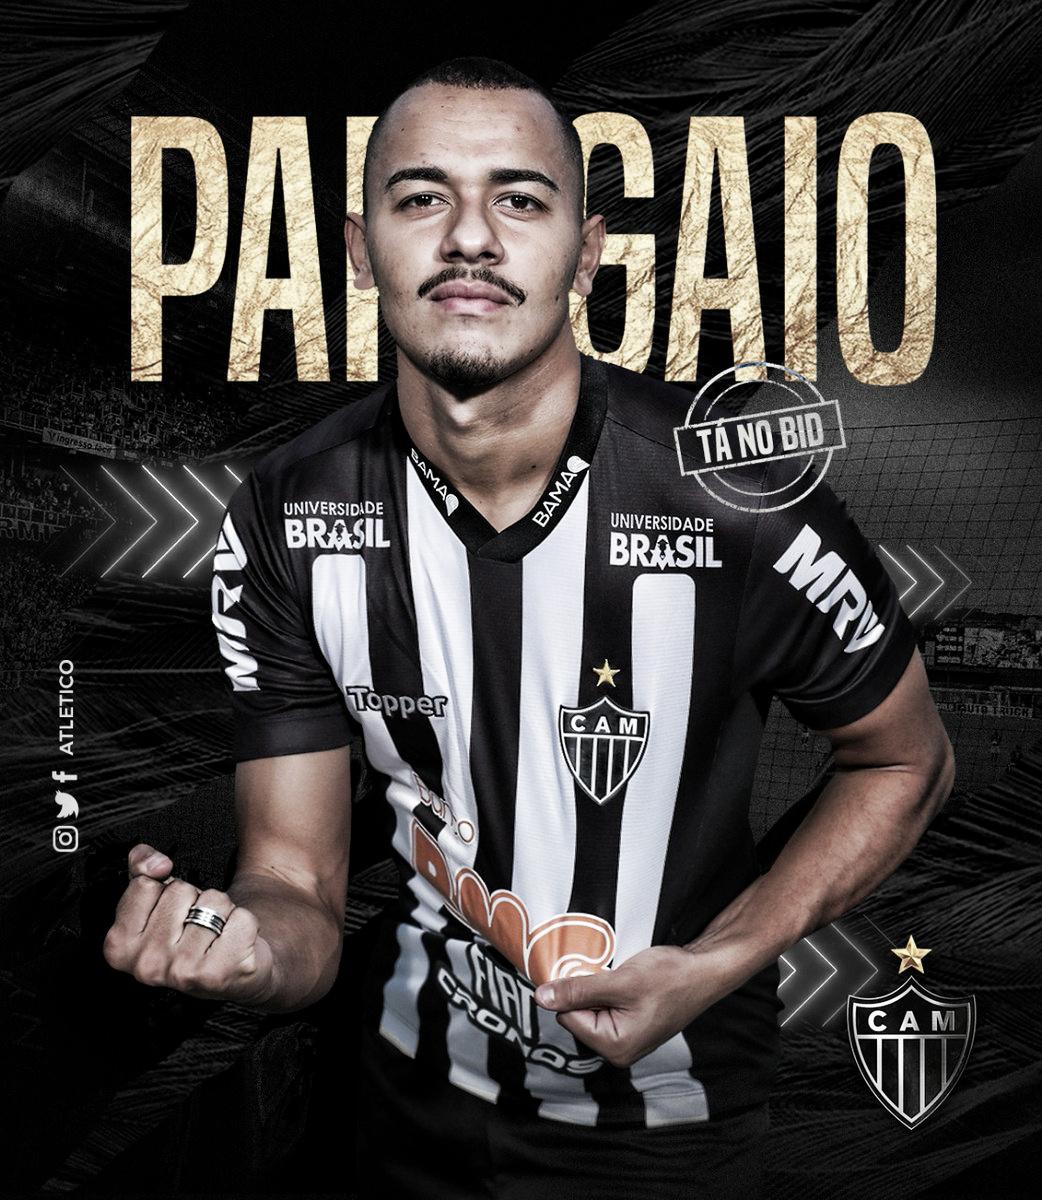 Atlético-MG oficializa contratação de Rafael Papagaio por empréstimo até o fim do ano